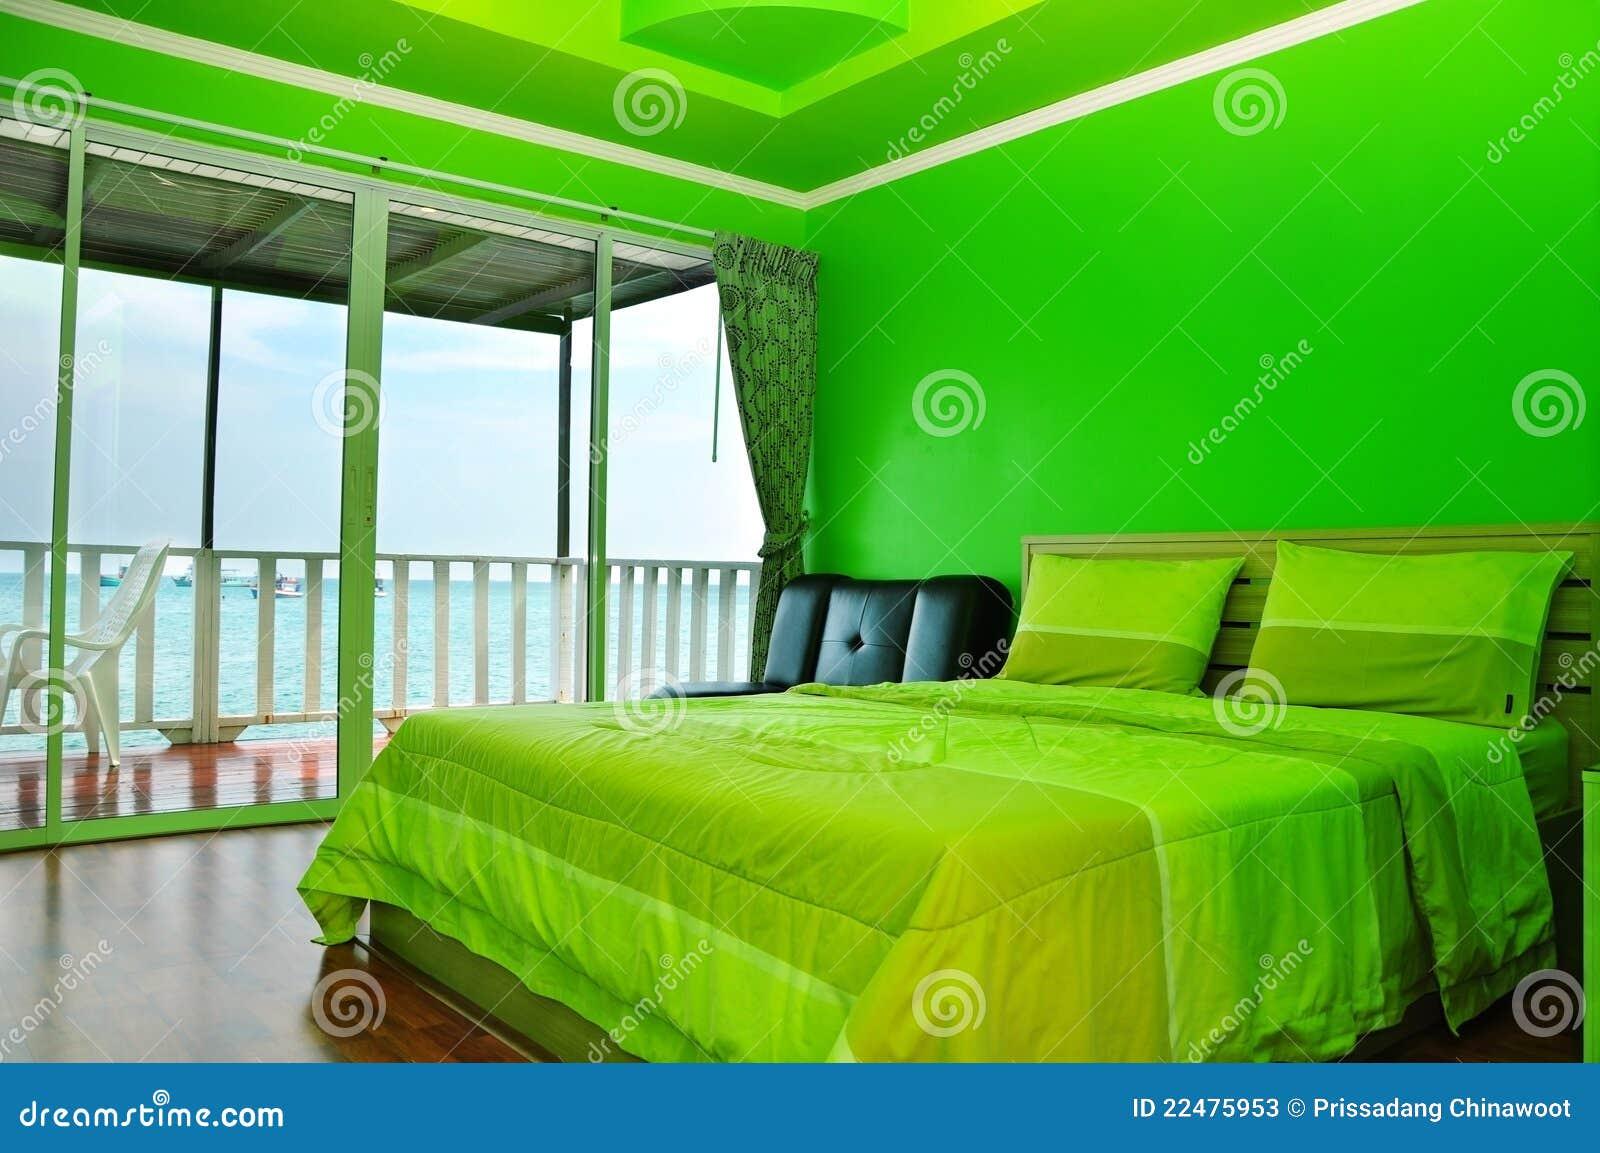 Mooie kleuren voor slaapkamer ~ [Spscents.com]